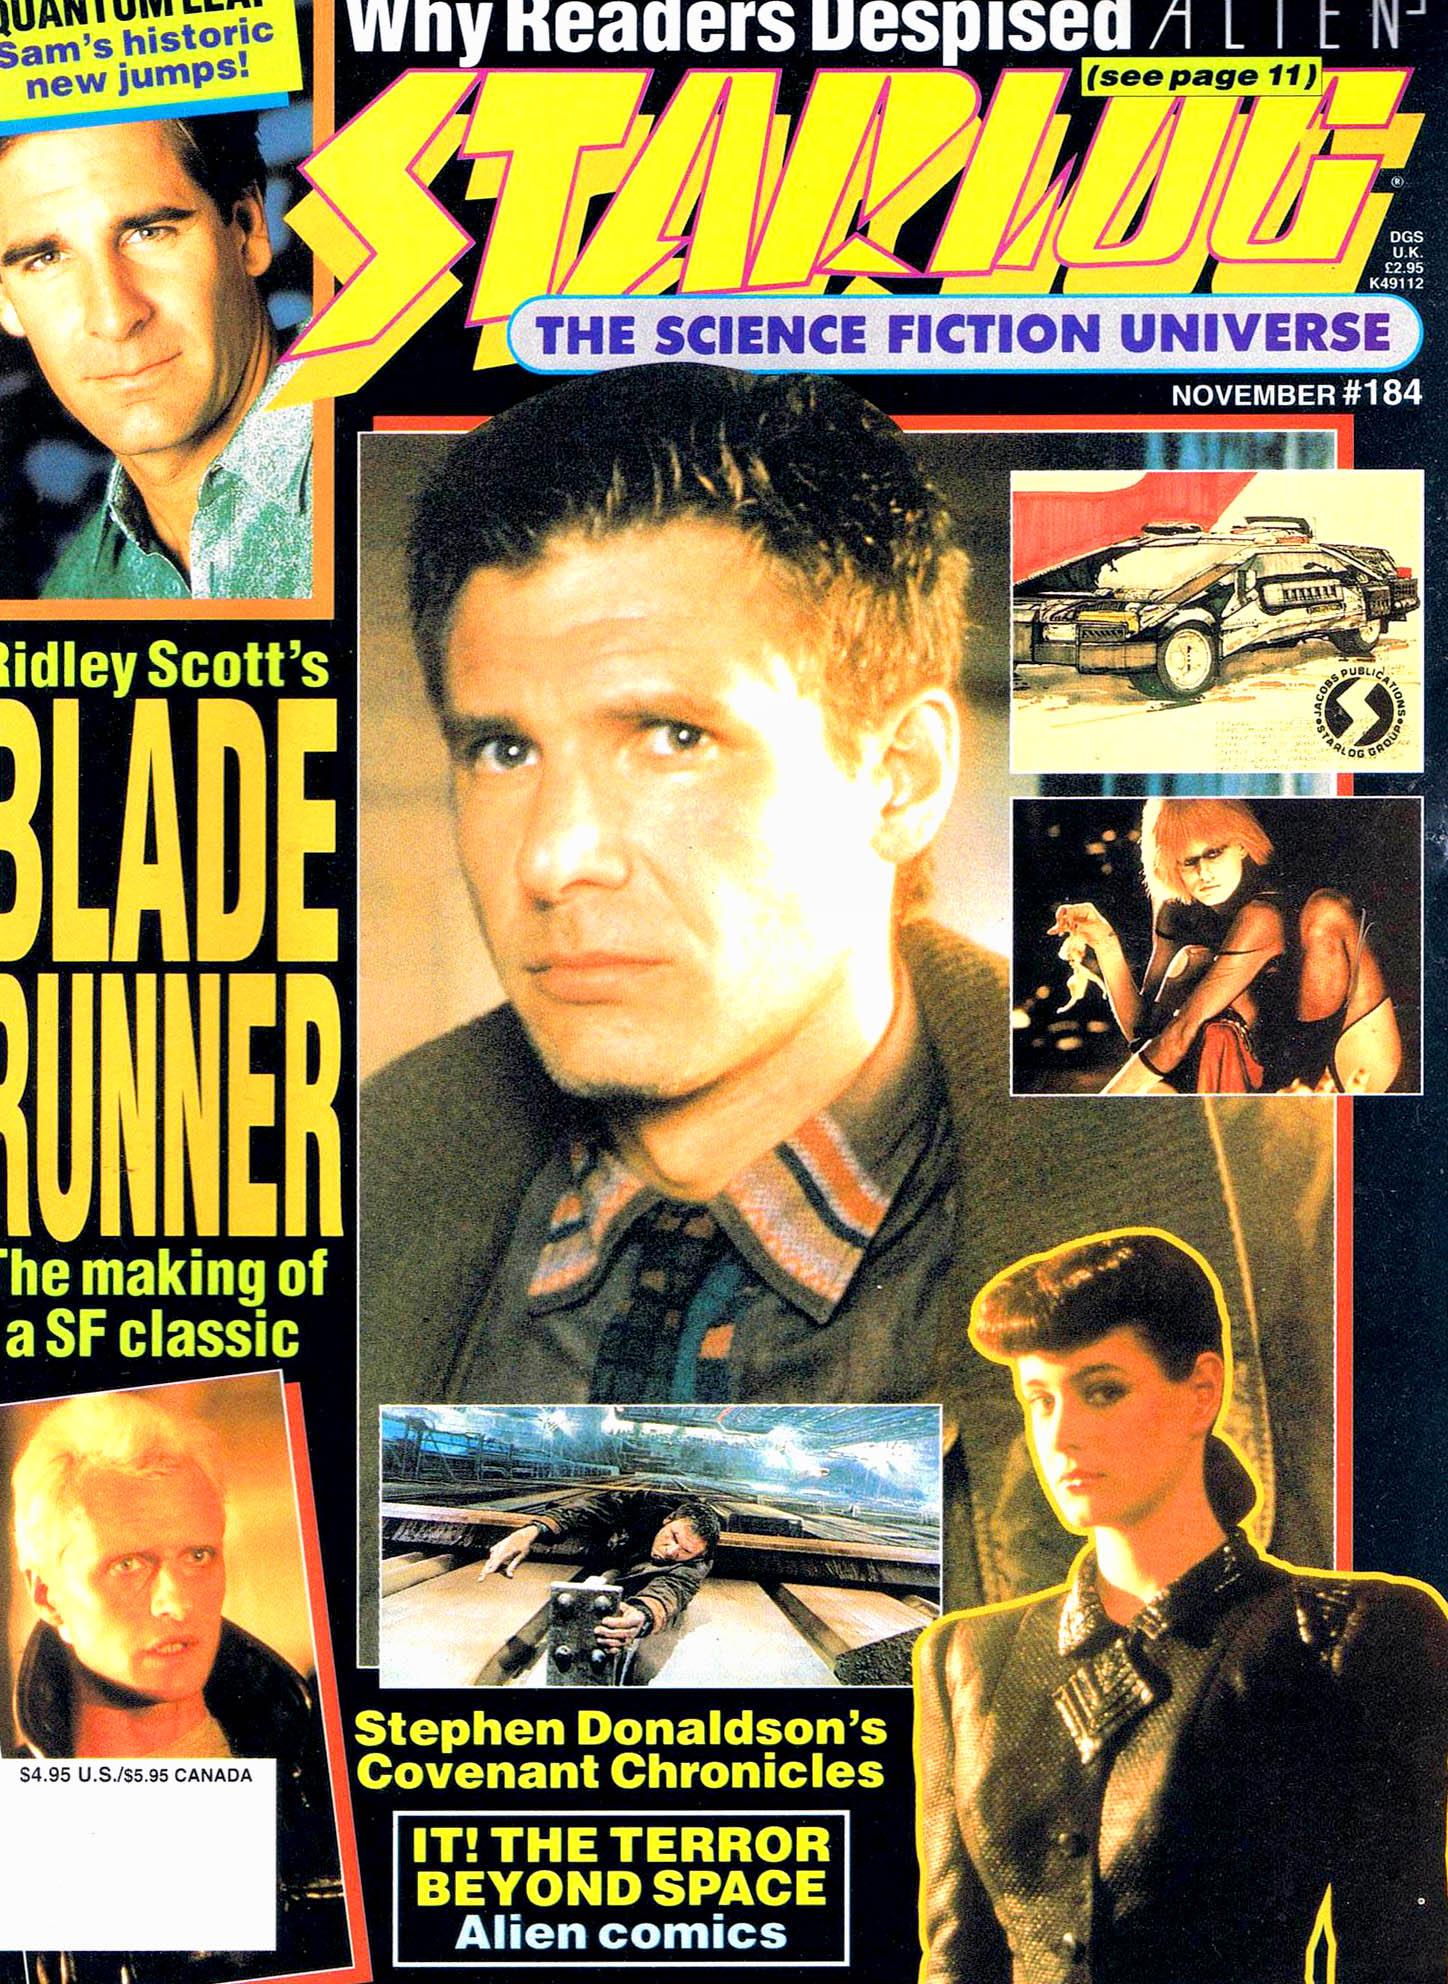 Starlog 184 1992 11 BRunner 01.jpg